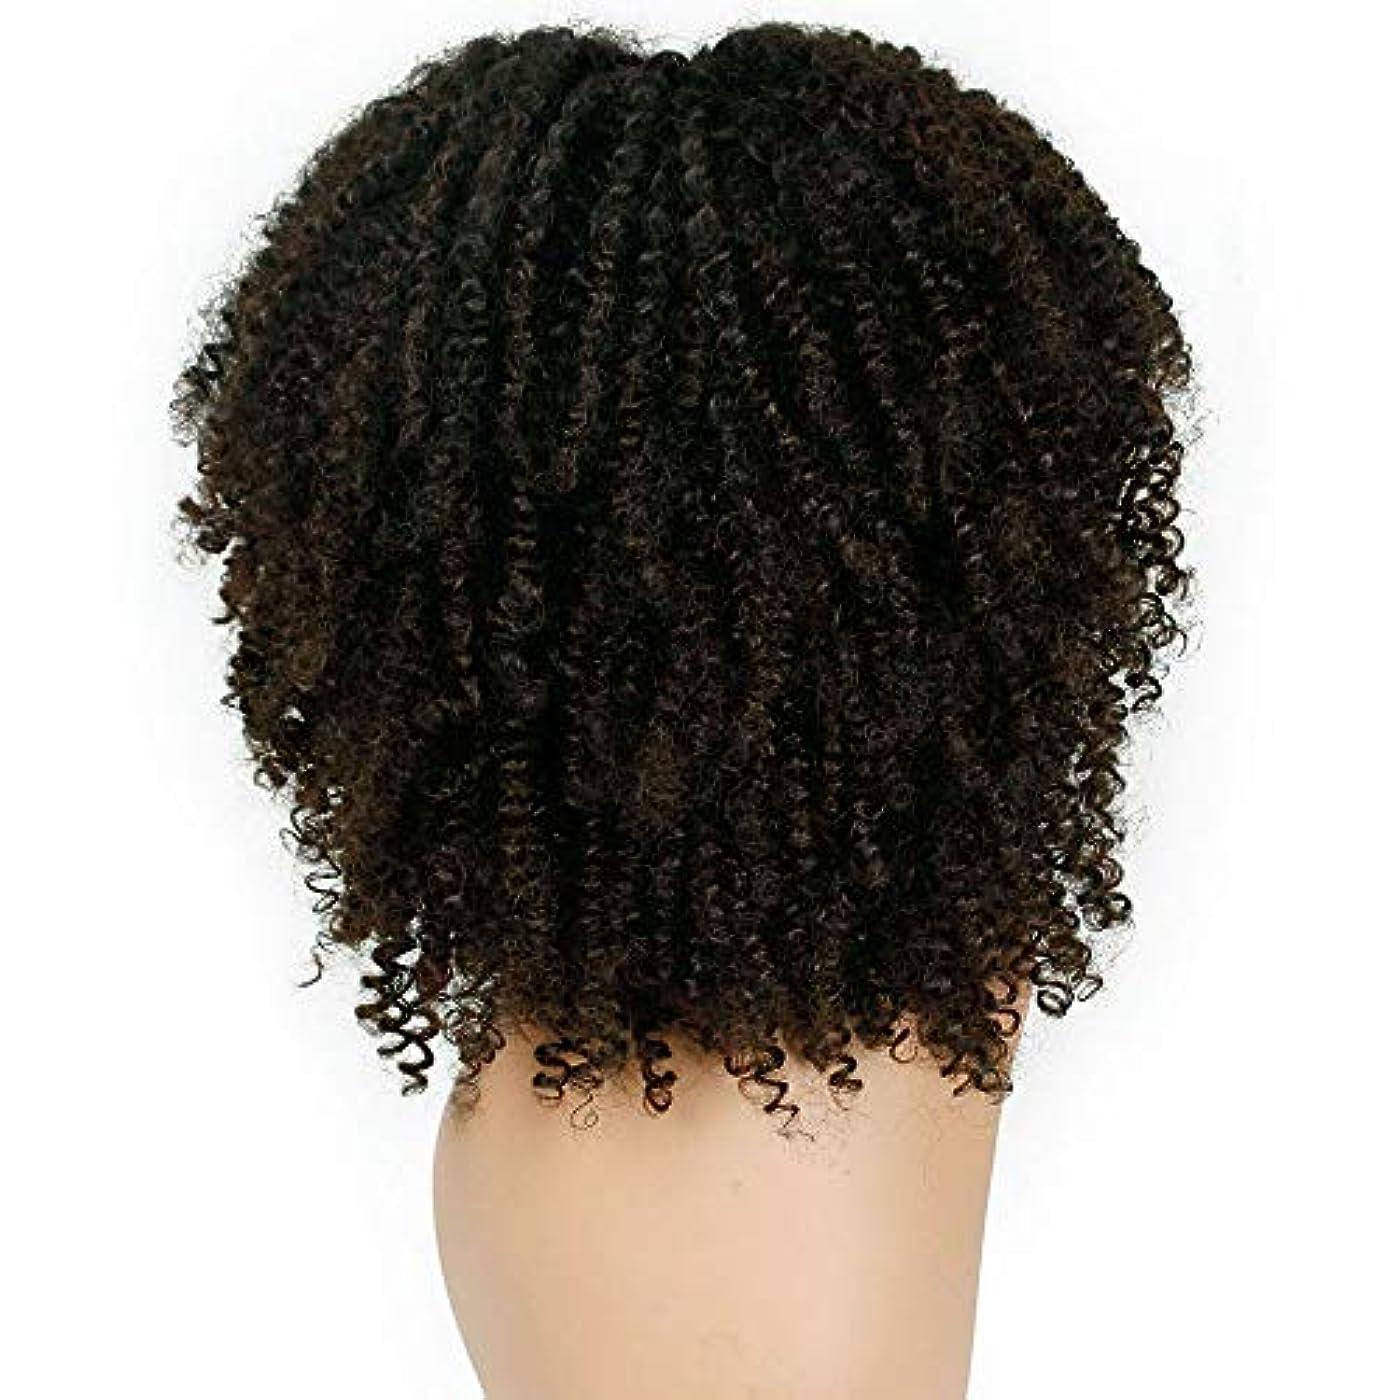 する必要があるストラップ強制女性かつらふわふわ爆発ヘッド巻き毛化学繊維かつら38 cm